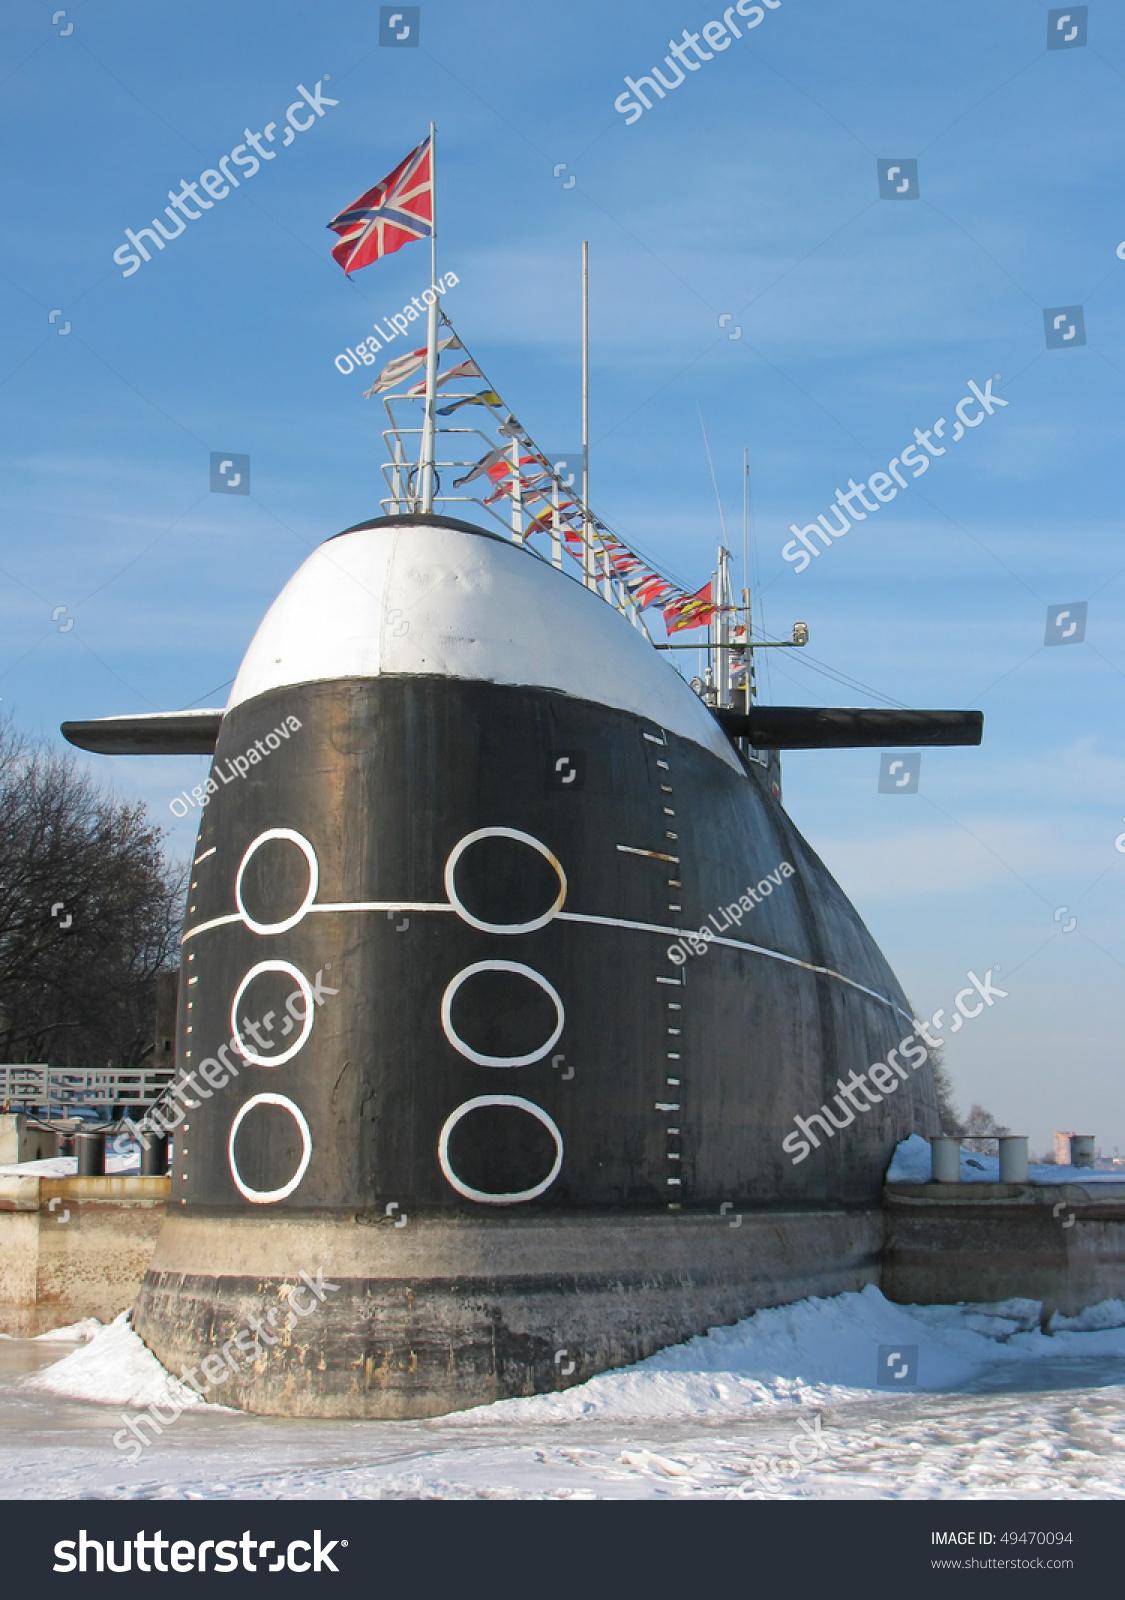 Submarine Dock Frozen Ice Stock Photo (Edit Now) 49470094